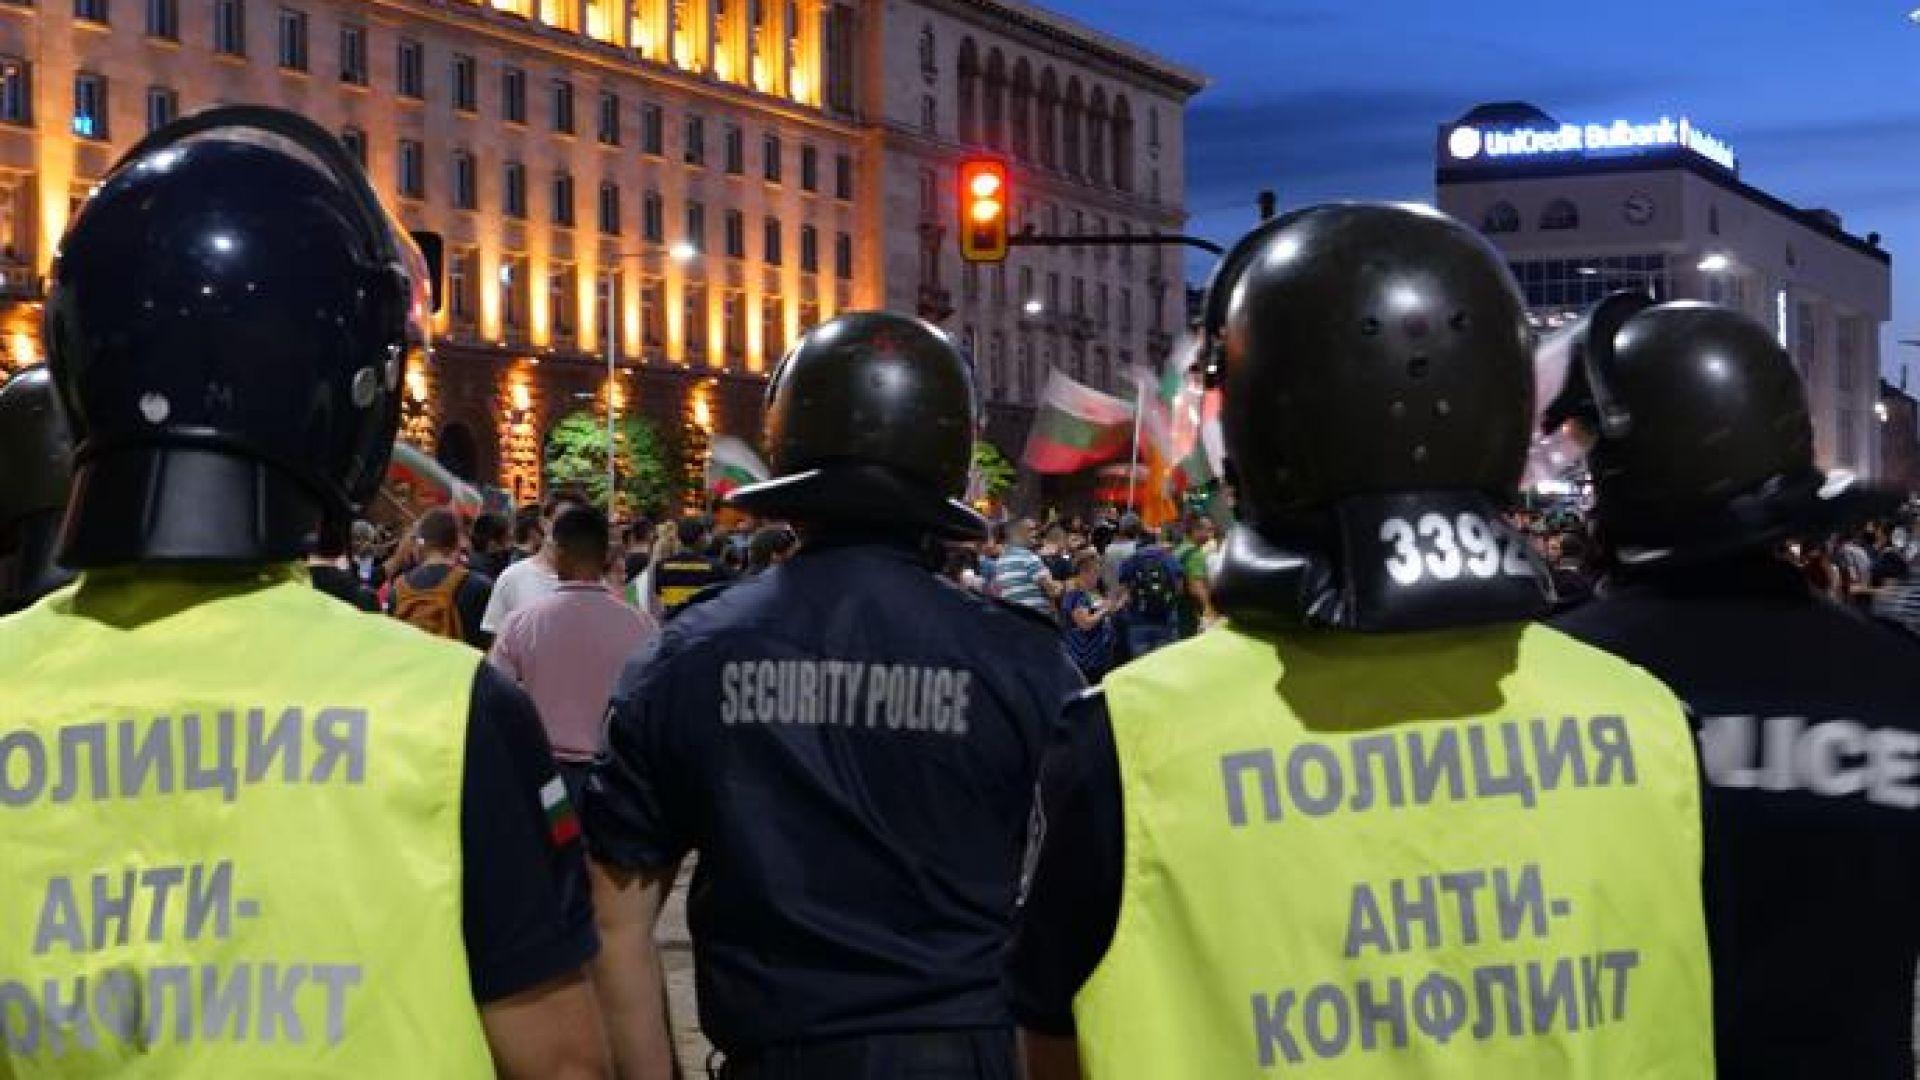 МВР за сблъсъците: Един полицай е ранен с камък в главата, други двама - по-леко